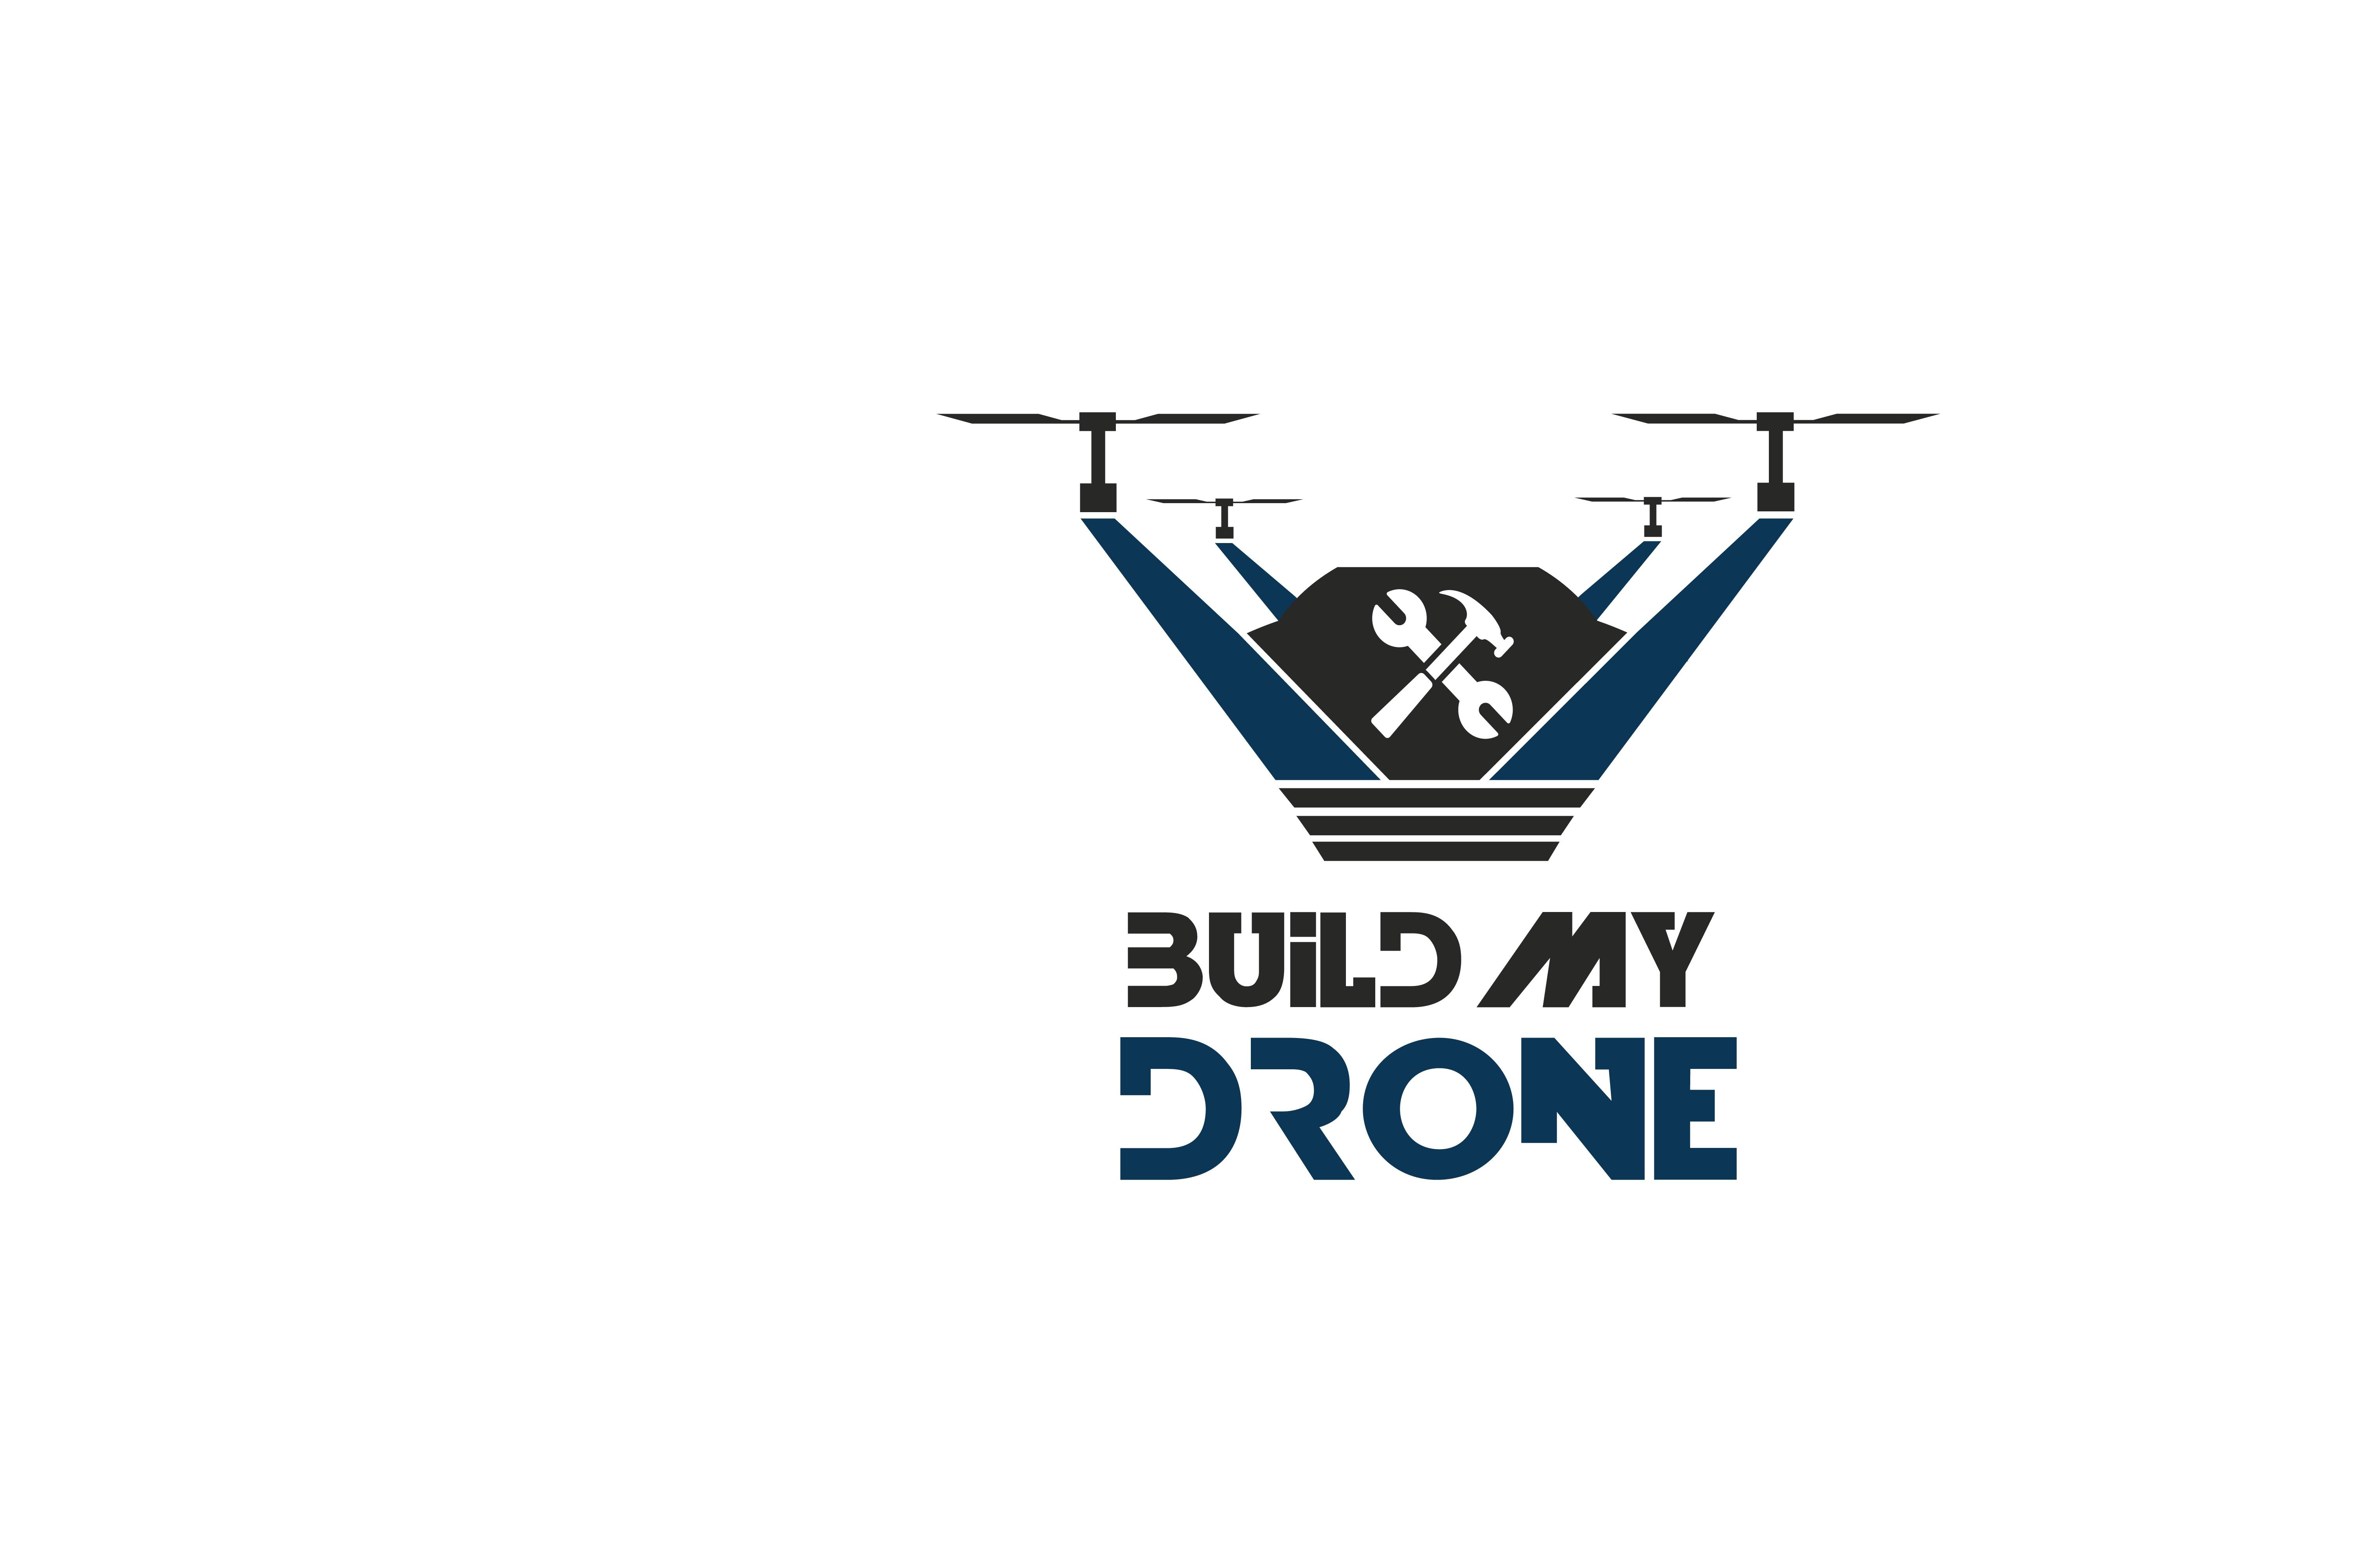 Drone a card!